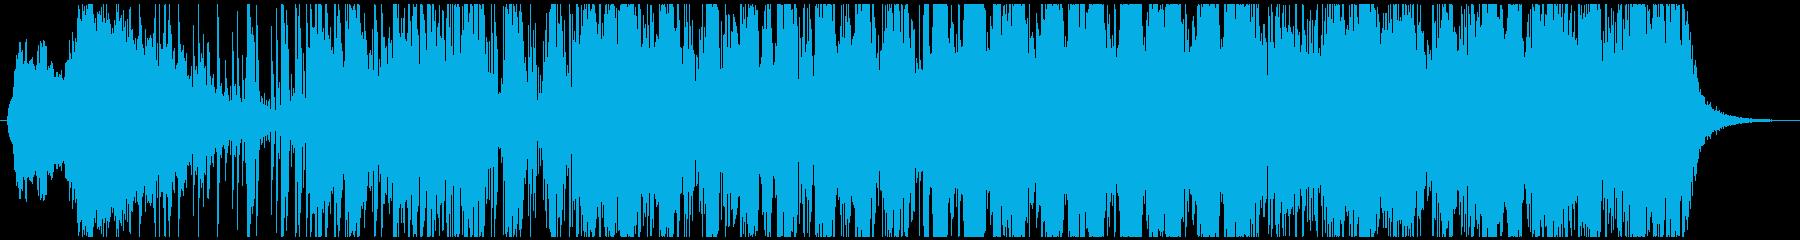 テーマ風ギターロック/栄光ともがき・強さの再生済みの波形